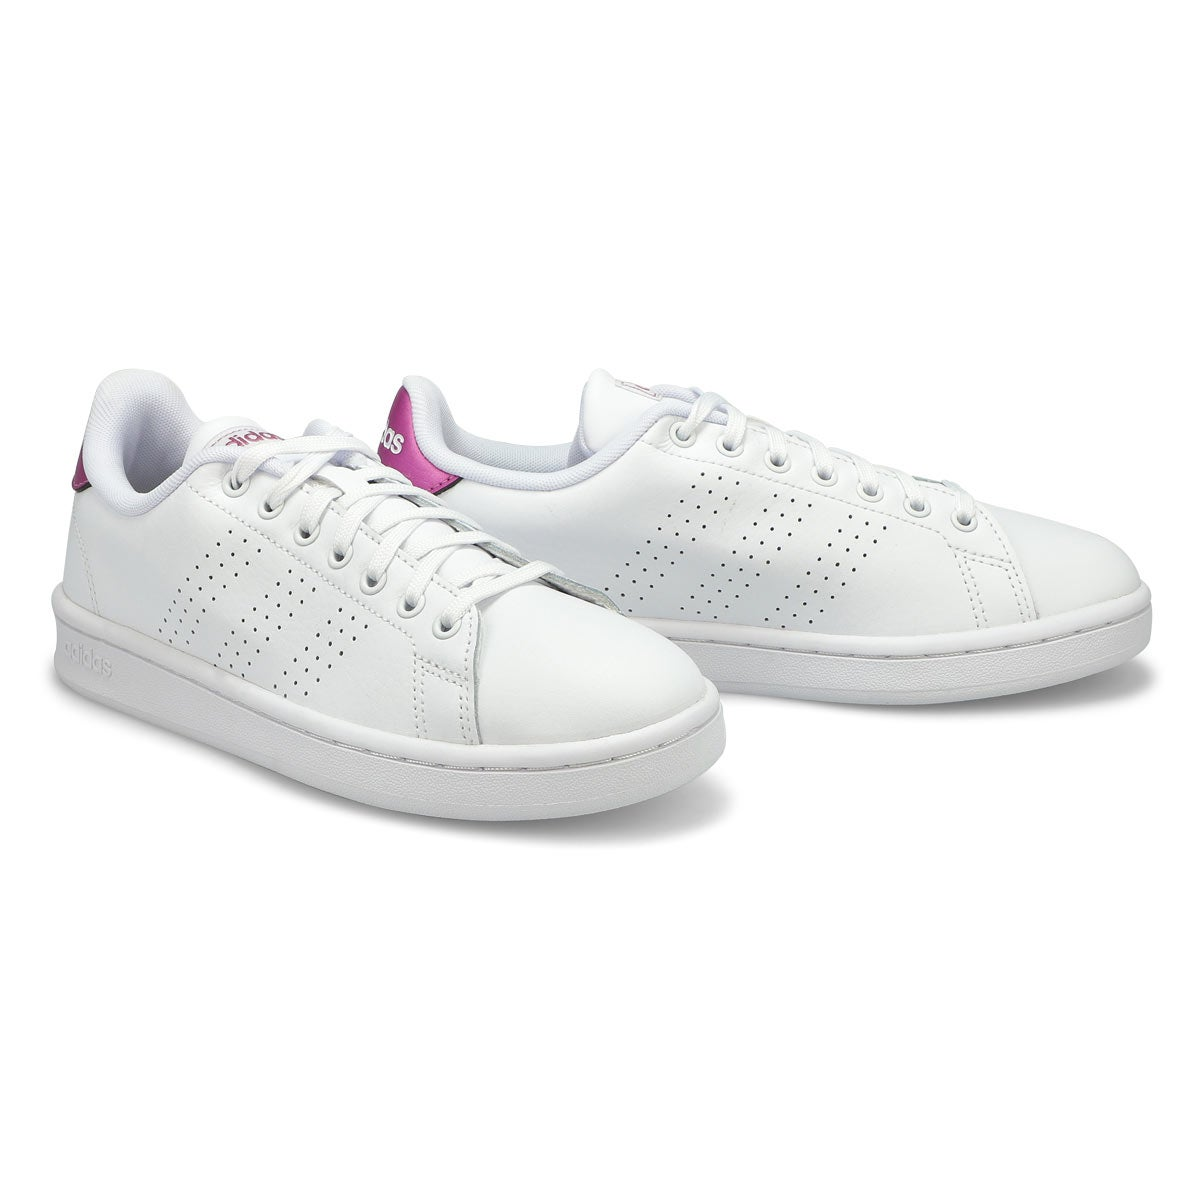 Women's Advantage Sneaker - White /Pink